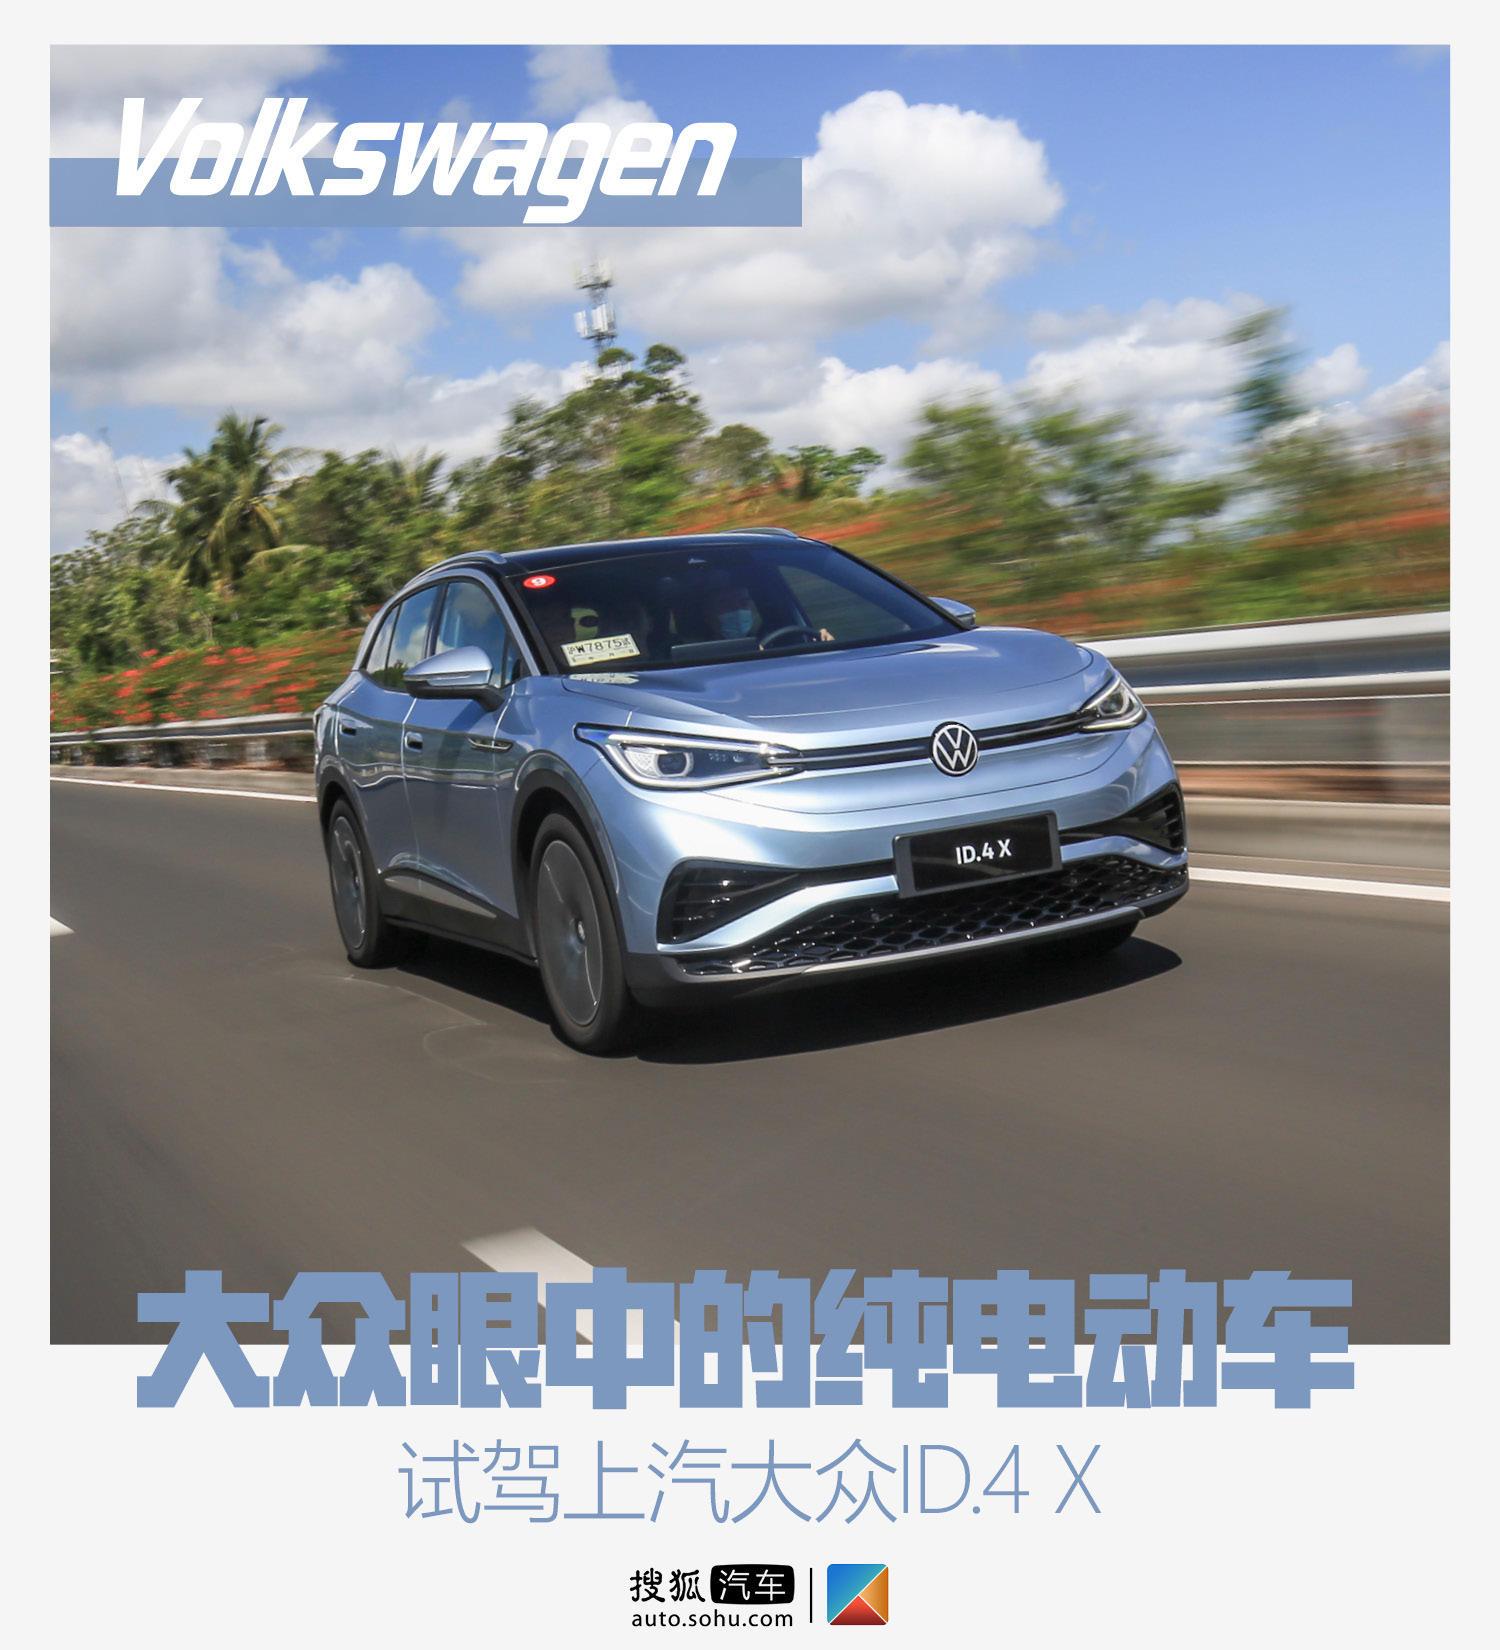 大众汽车眼中的纯电动车是这样的 试驾上汽大众ID.4 X